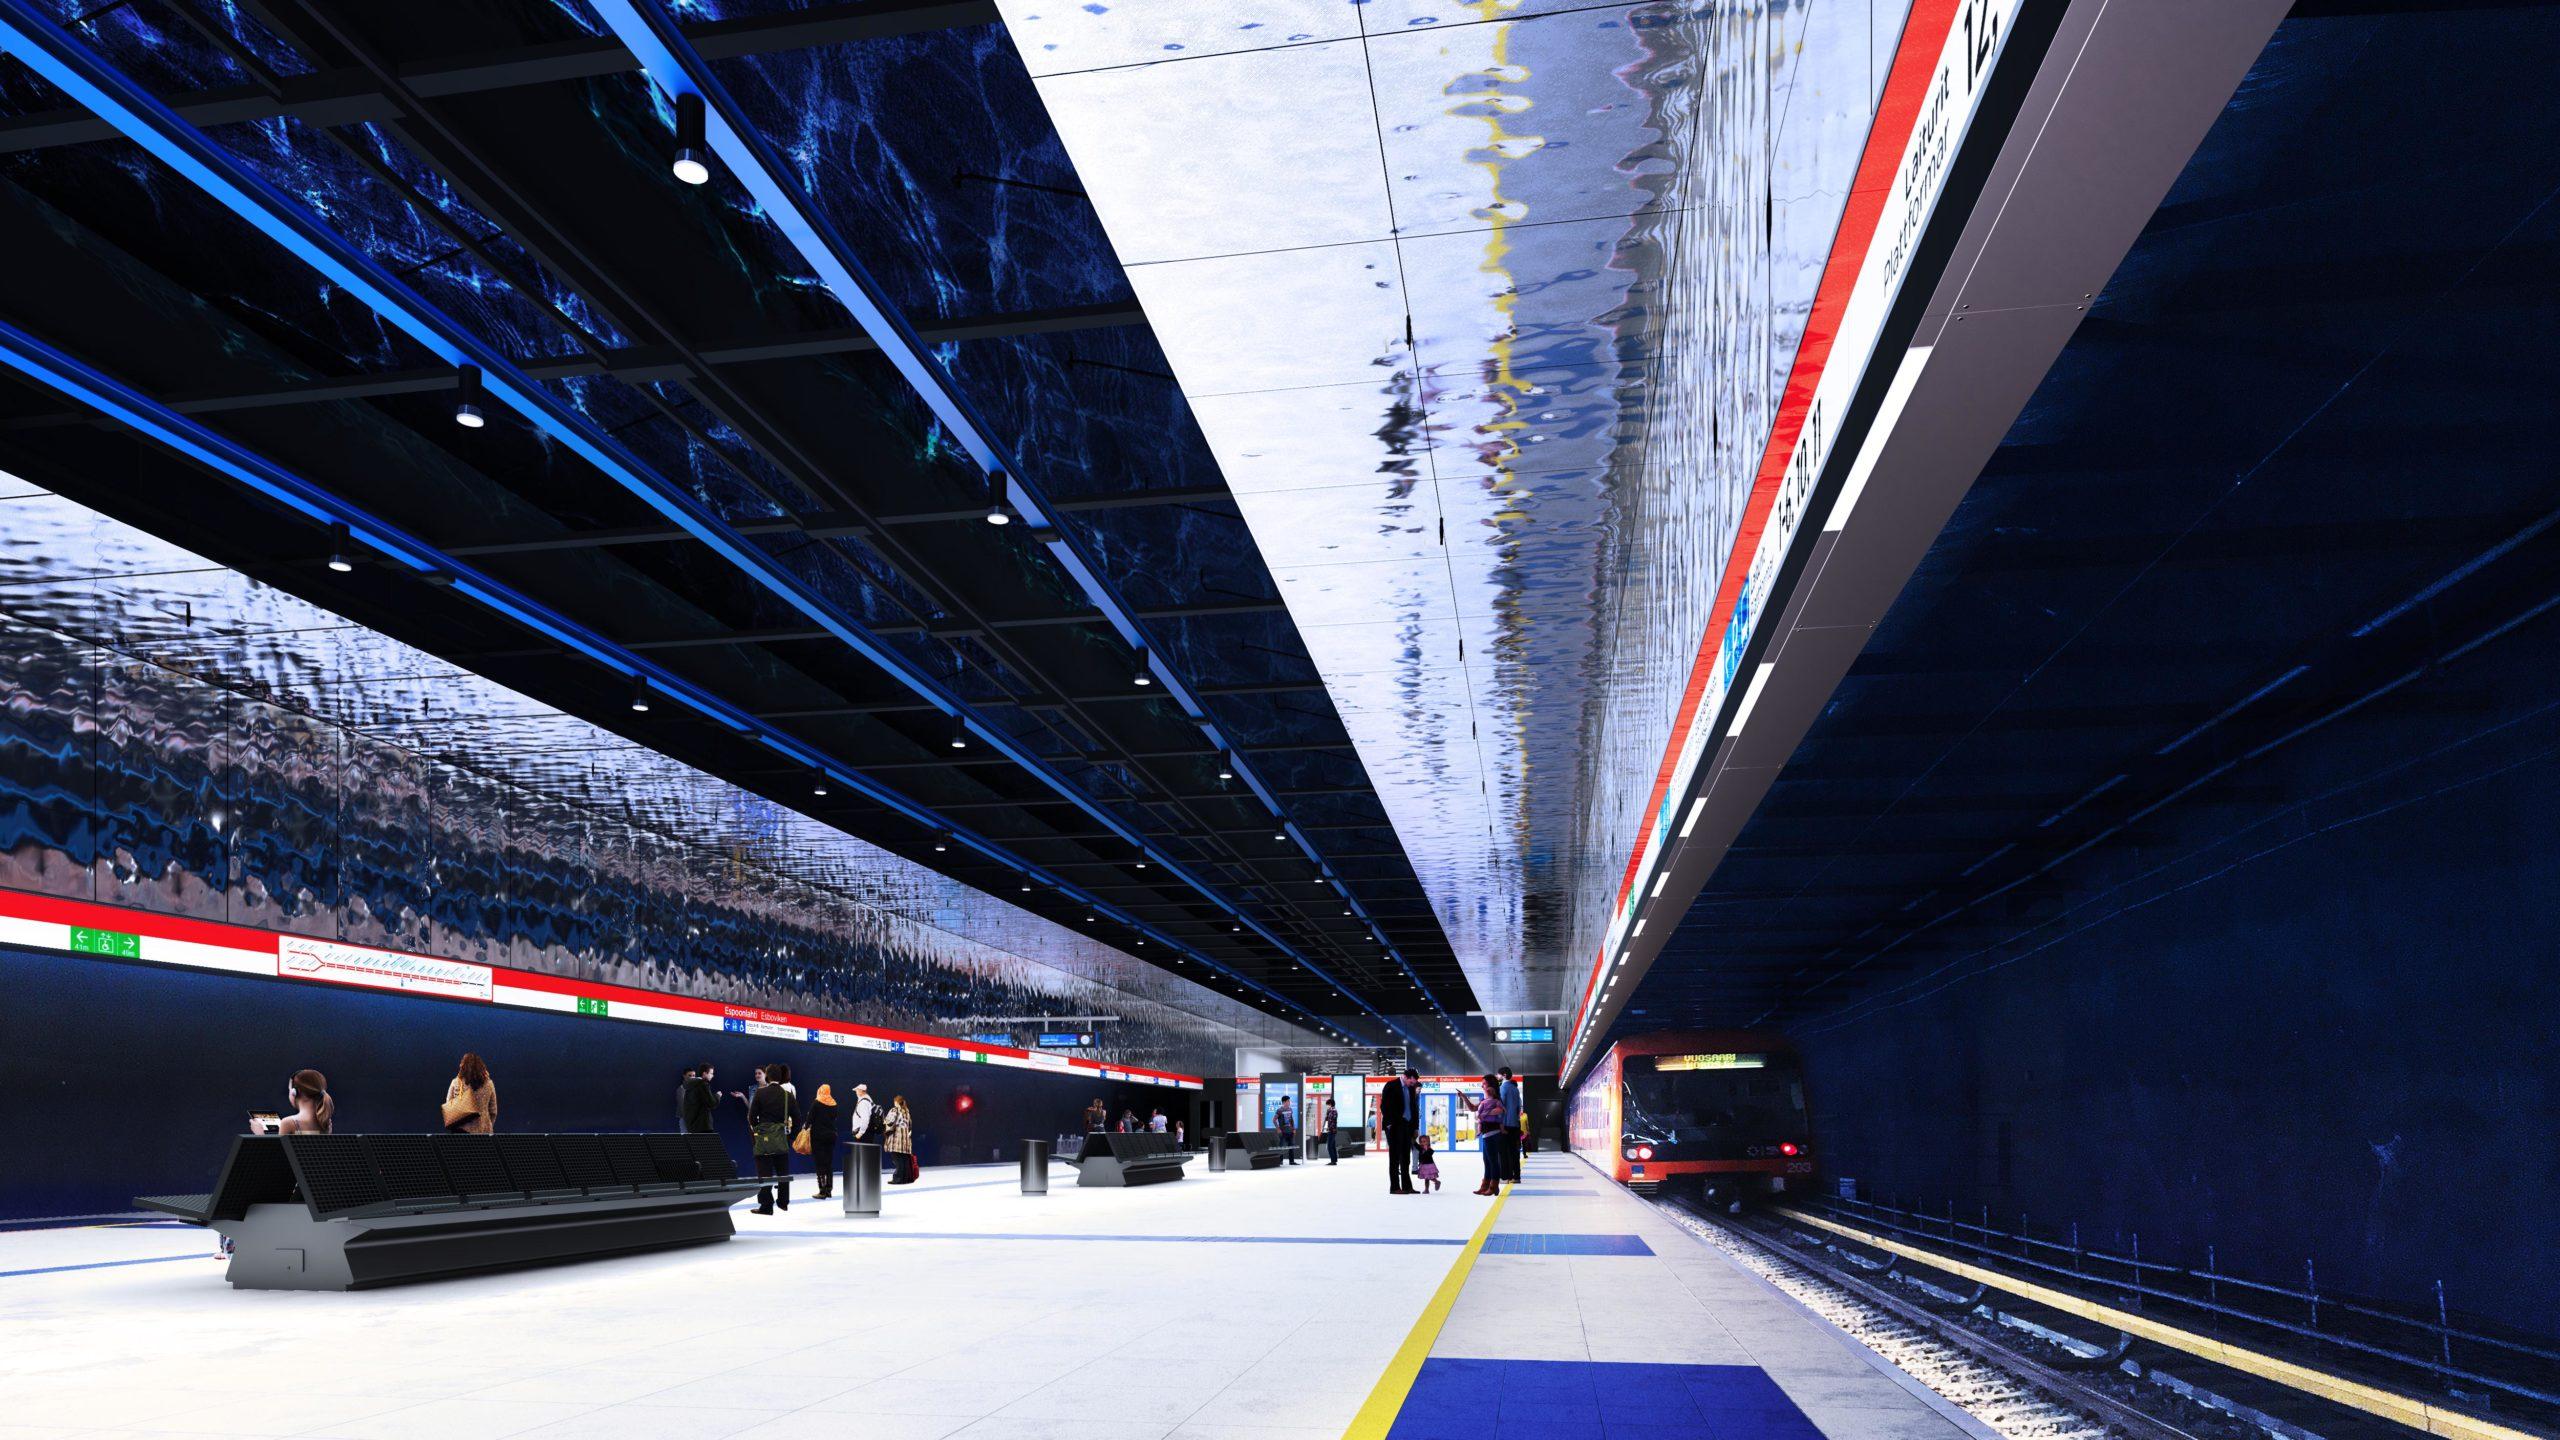 Kuvassa arkkitehdin piirtämä havainnekuva Espoonlahden metroaseman metrolaiturista. Katto on tumman sininen ja laituriseinien sivut kiiltevät.